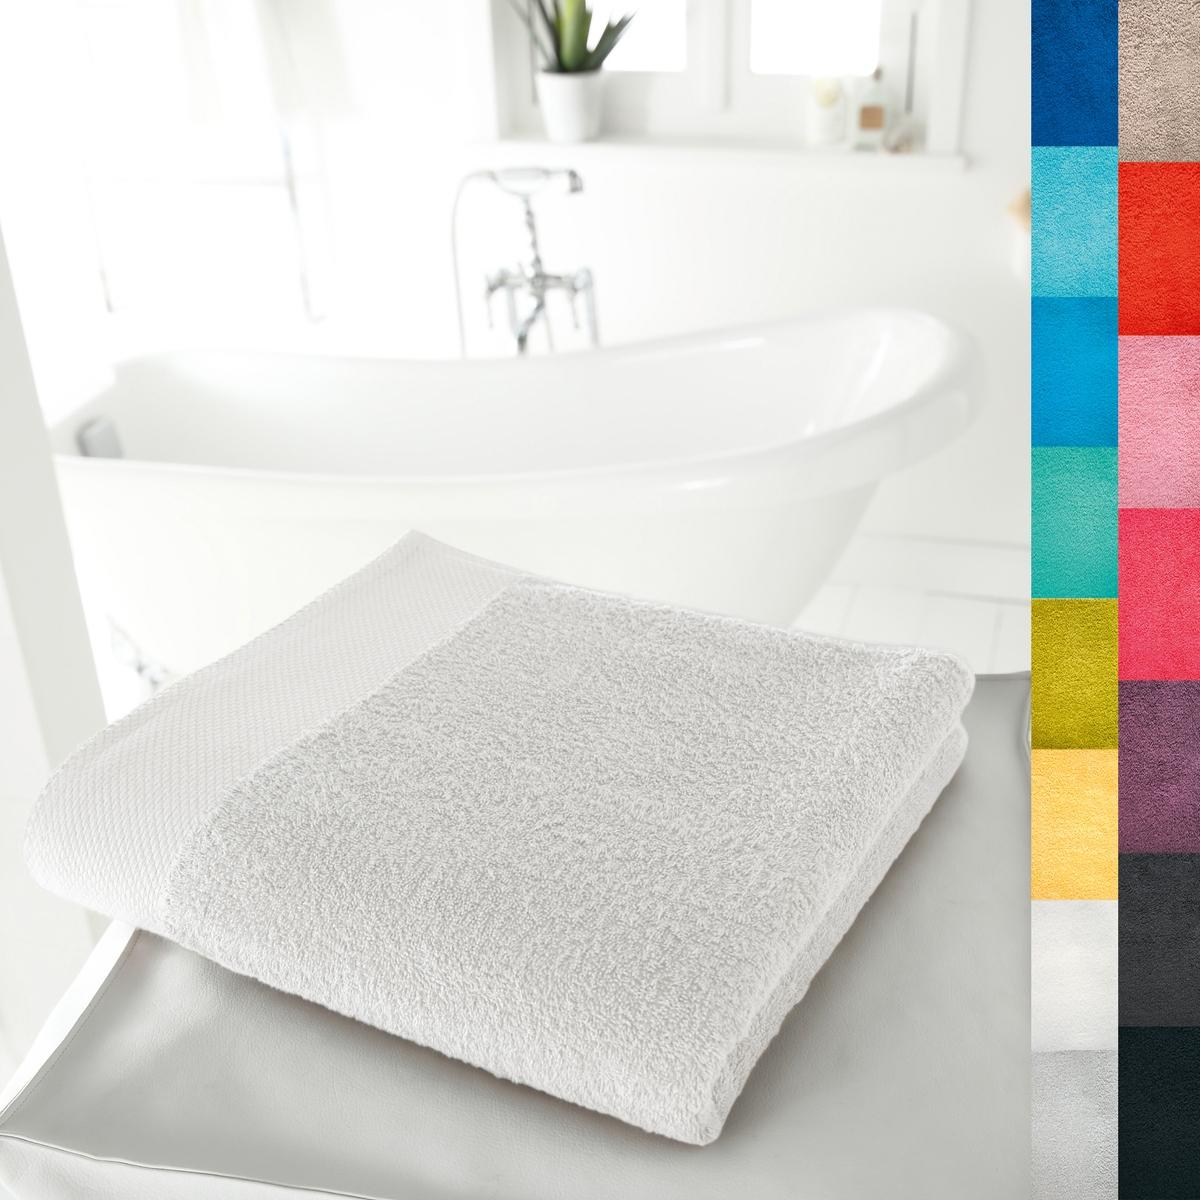 Полотенце банное, 420 г/м?Мягкая и прочная ткань, 100% хлопка, 420 г/м?. Кайма крупинки. Отличные впитывающие свойства. Размер 70 х 140 см.  Стирка при 60°. Превосходная стойкость цвета.  Машинная сушка.<br><br>Цвет: белый,голубой бирюзовый,гренадин,зеленый анис,темно-серо-каштановый светлый<br>Размер: 70 x 140 см.70 x 140 см